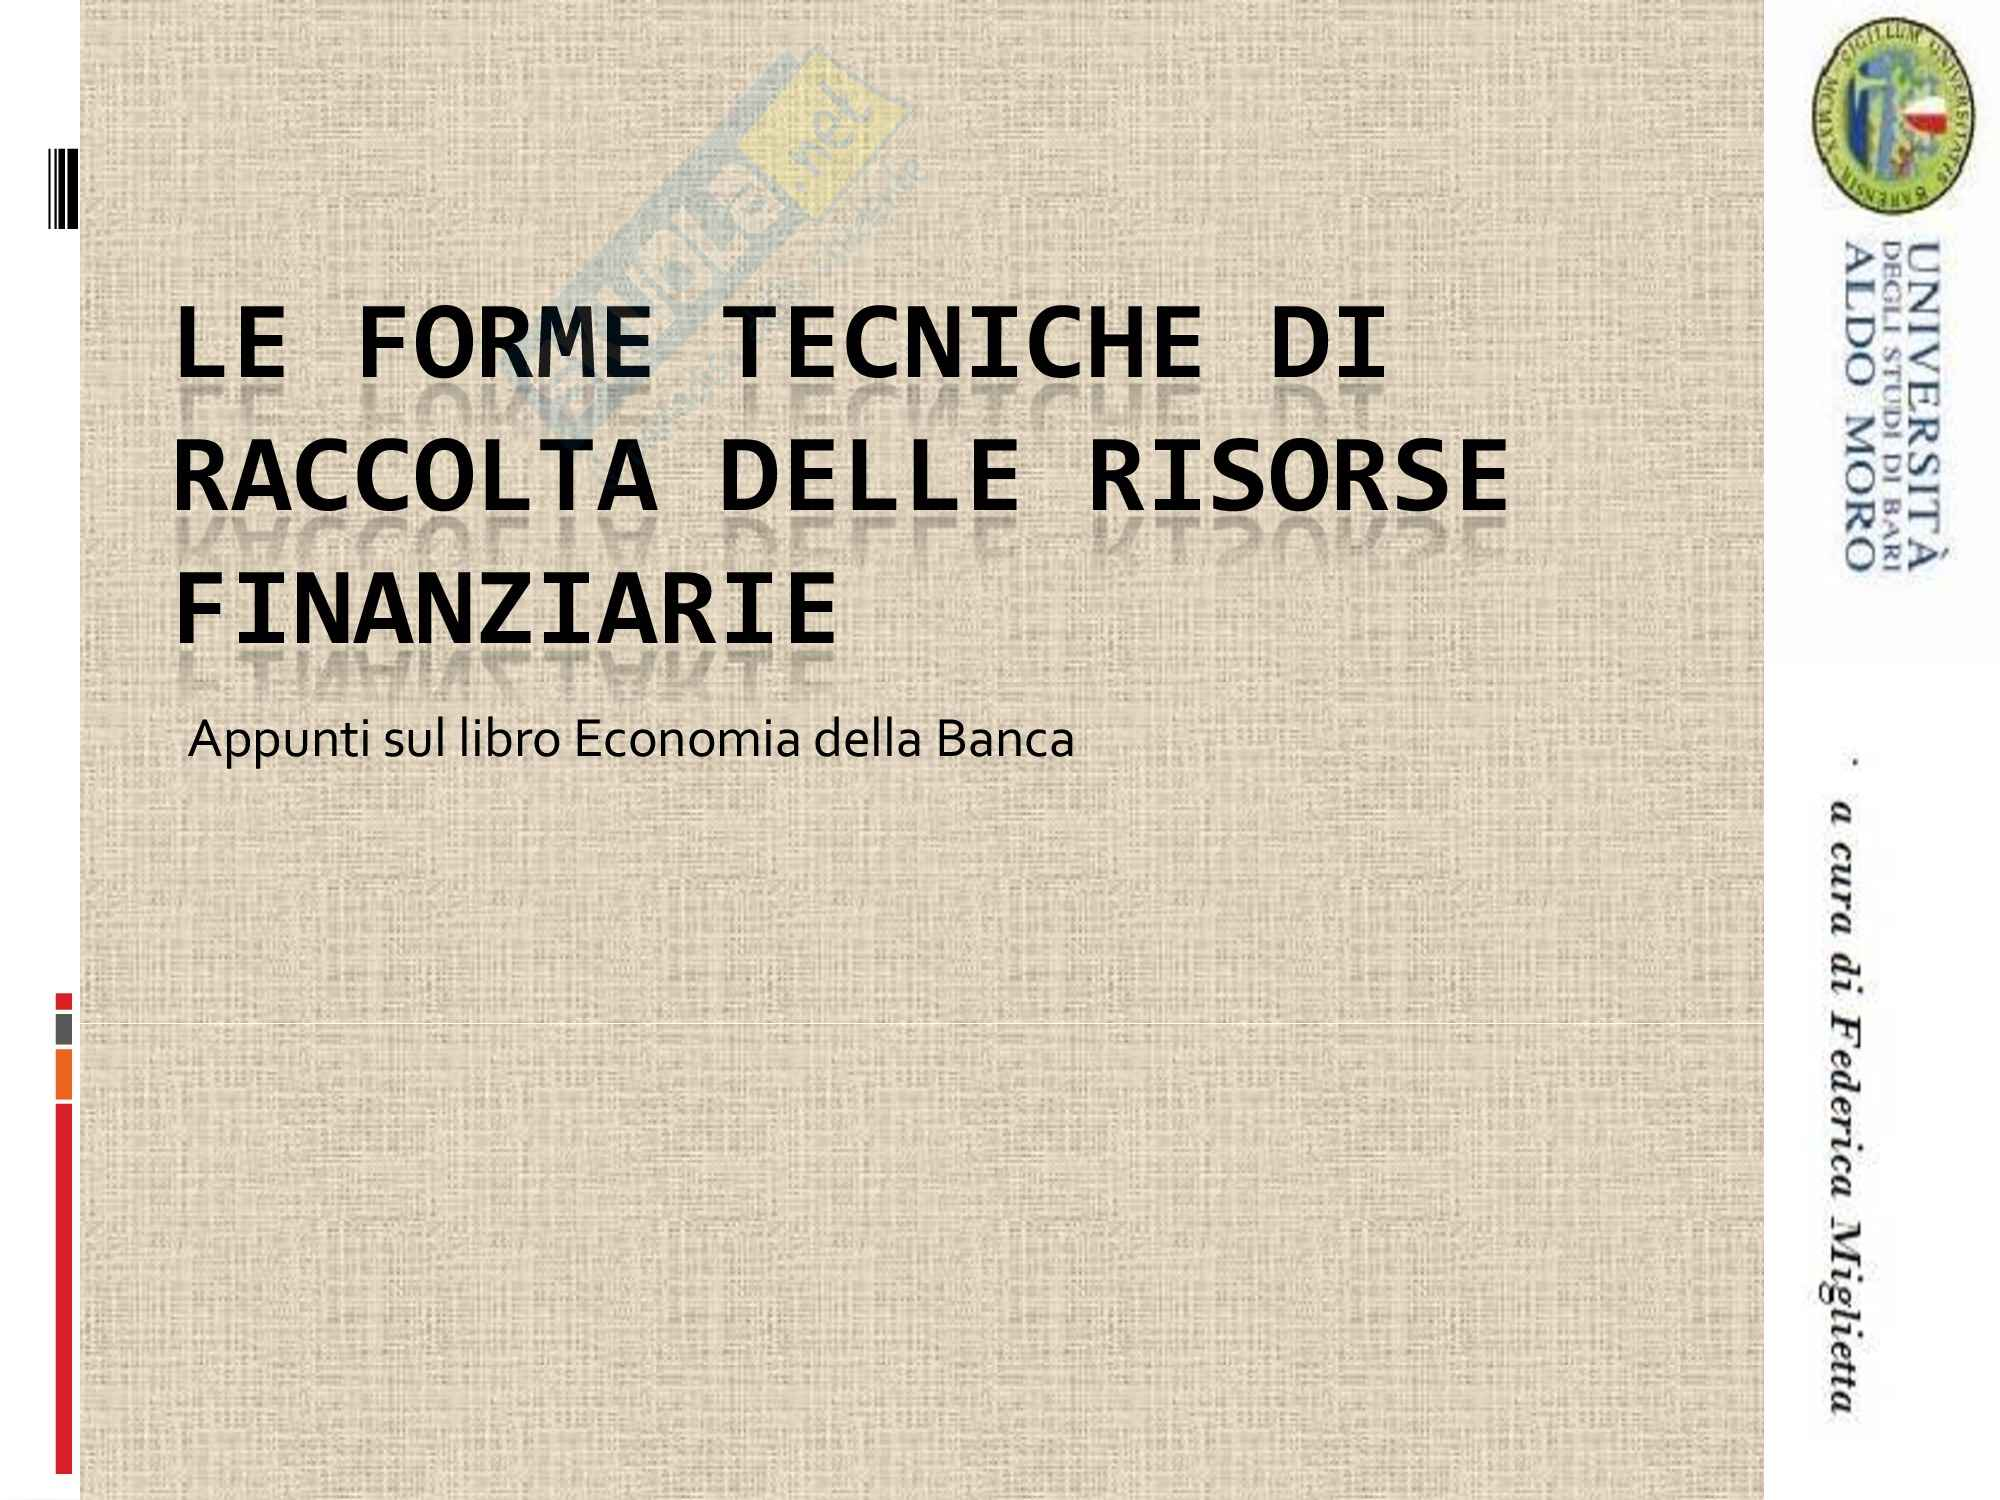 Economia degli intermediari finanziari - forme tecniche raccolta